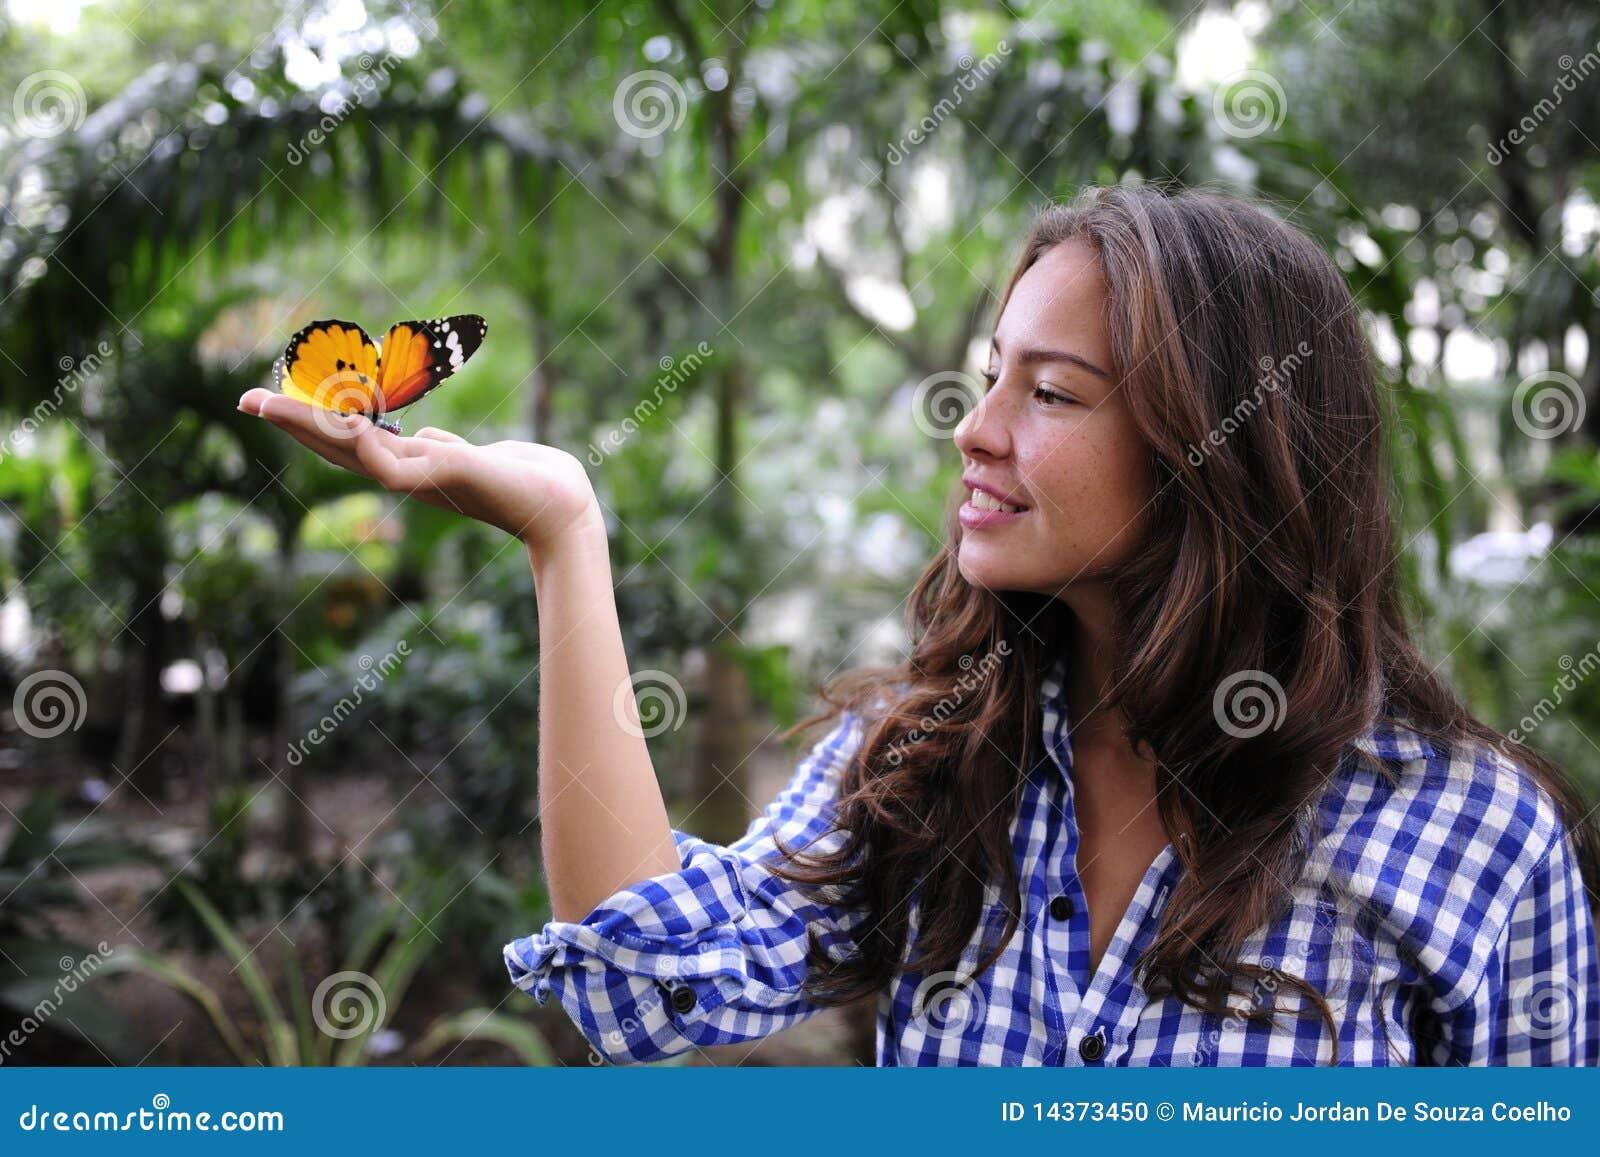 Farfalla e donna nella foresta